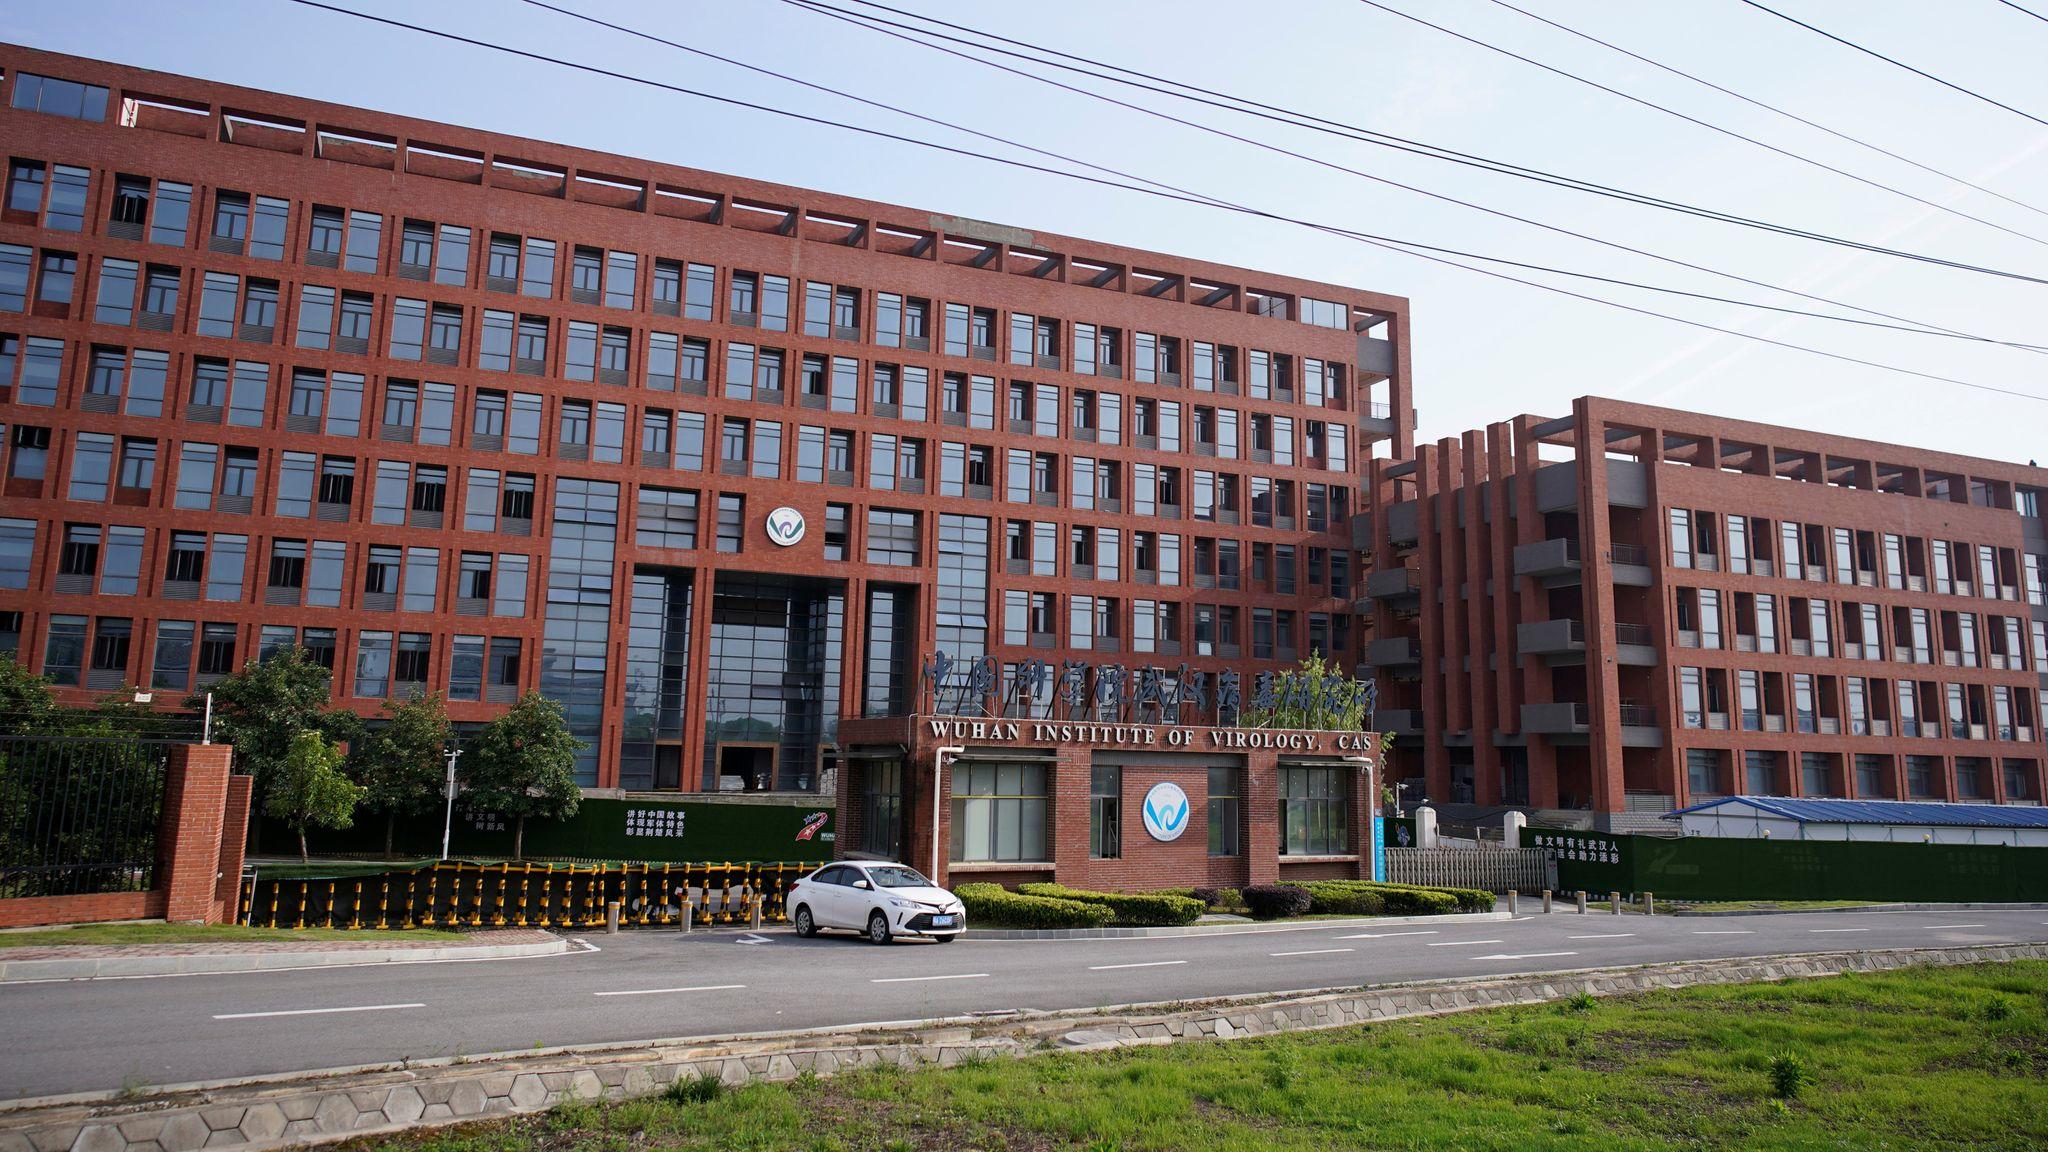 L'institut de virologie de Wuhan a-t-il été le théâtre d'un accident de laboratoire à l'origine de la pandémie de Covid-19 ? C'est la question relancée par la lettre du 30 avril adressée par un groupe de scientifiques internationaux à l'OMS. (Source : Sky News)